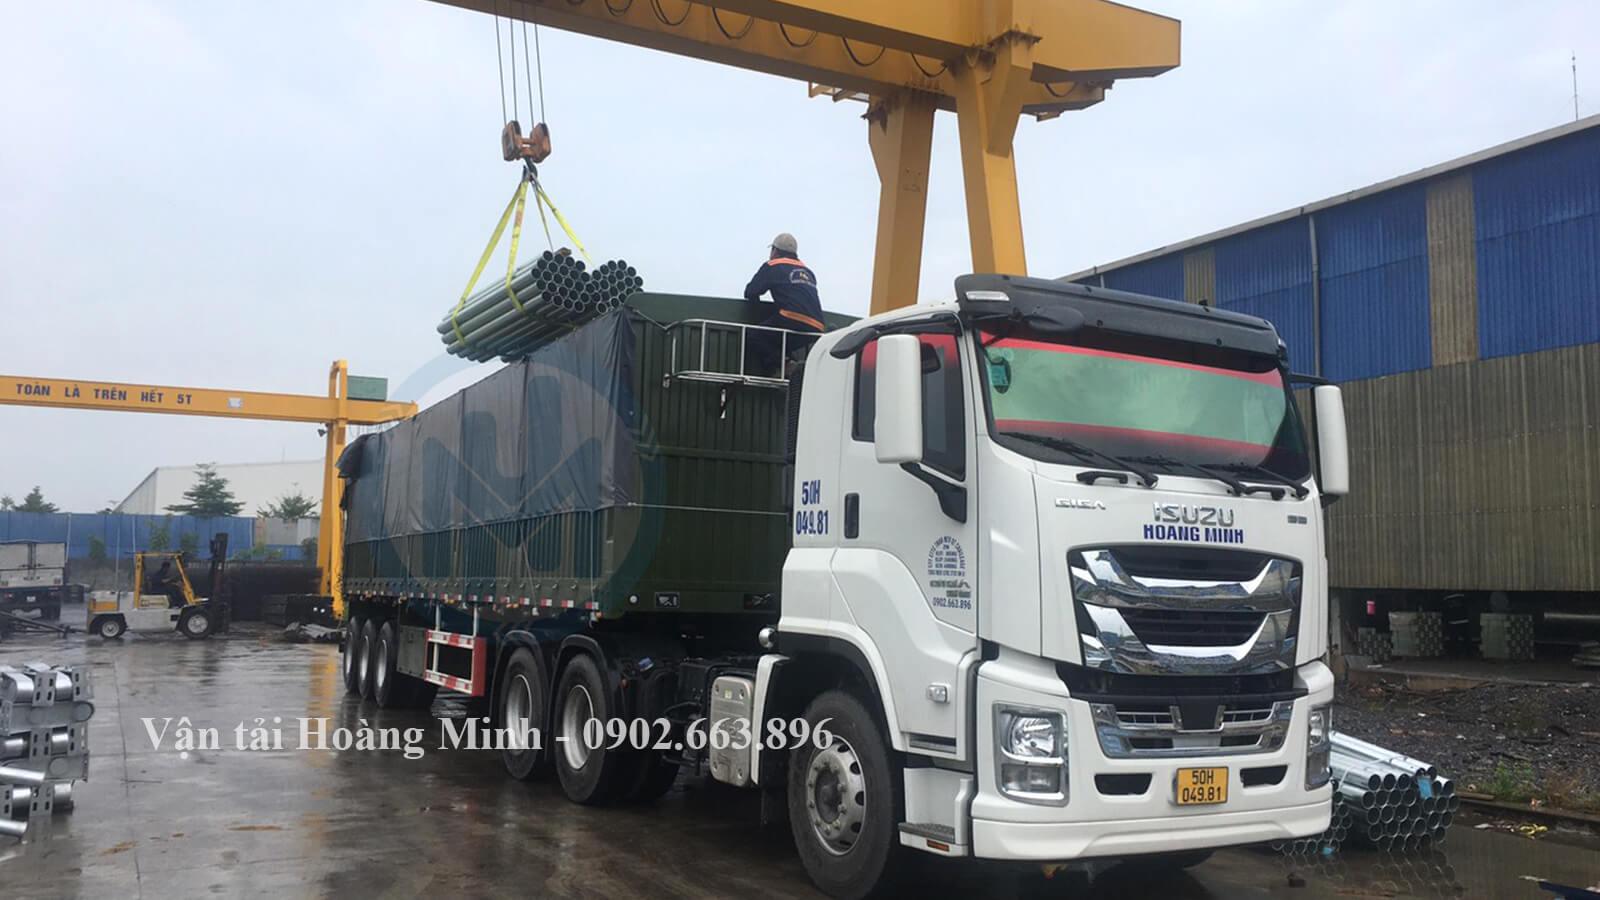 Vận tải Hoàng Minh cung cấp xe tải chở hàng Quận 5 có kích thước như thế nào